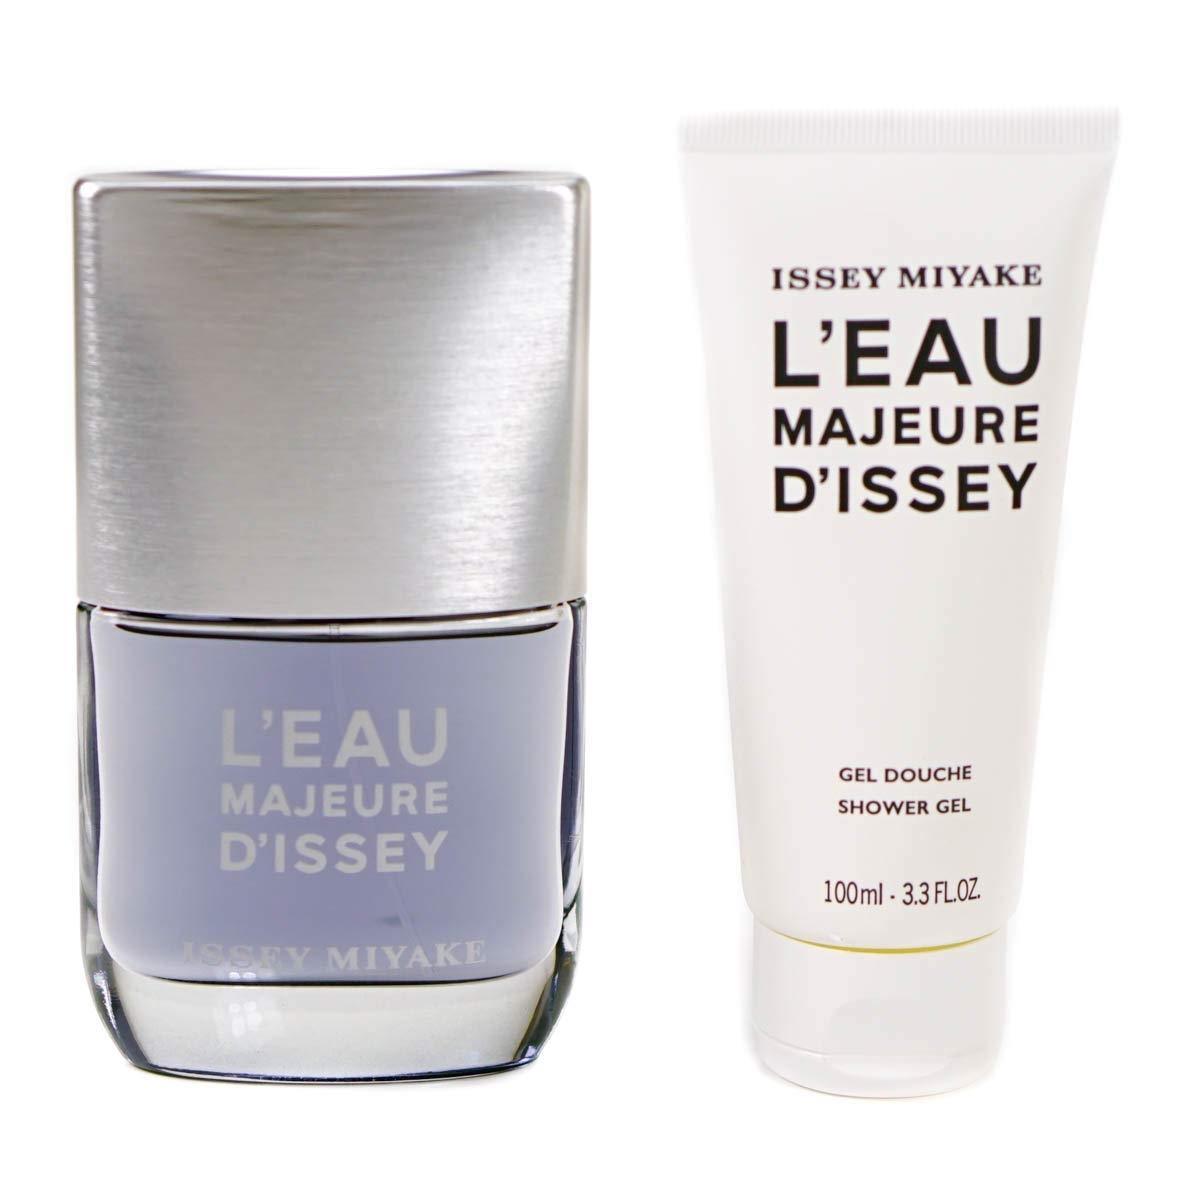 Zestaw prezentowy dla mężczyzn Issey Miyake L'Eau Majeure D'Issey woda toaletowa 50ml + blo 100ml